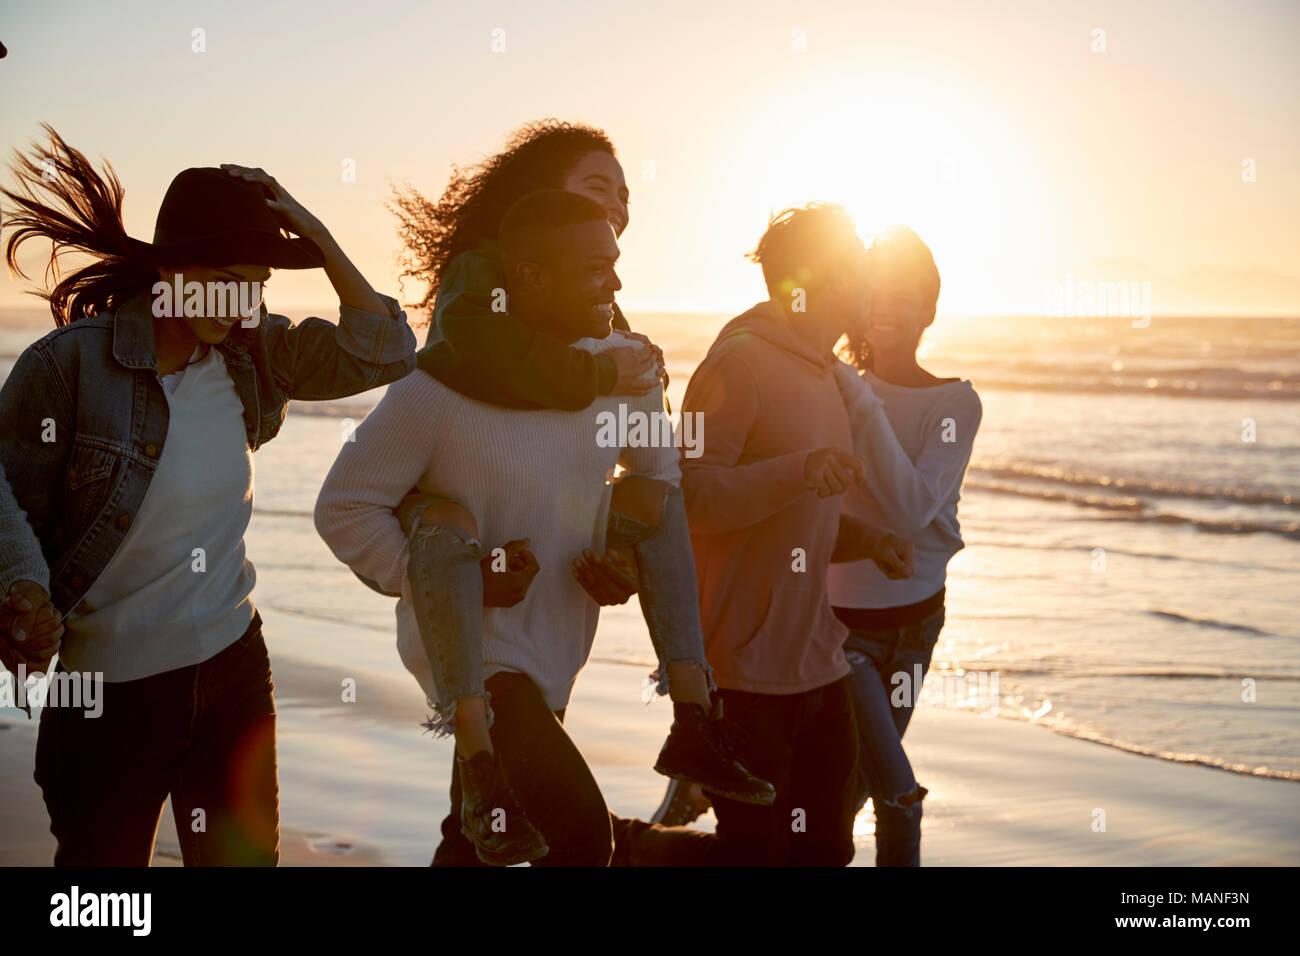 Grupo de Amigos divirtiéndose en funcionamiento a lo largo de la playa de invierno juntos Foto de stock